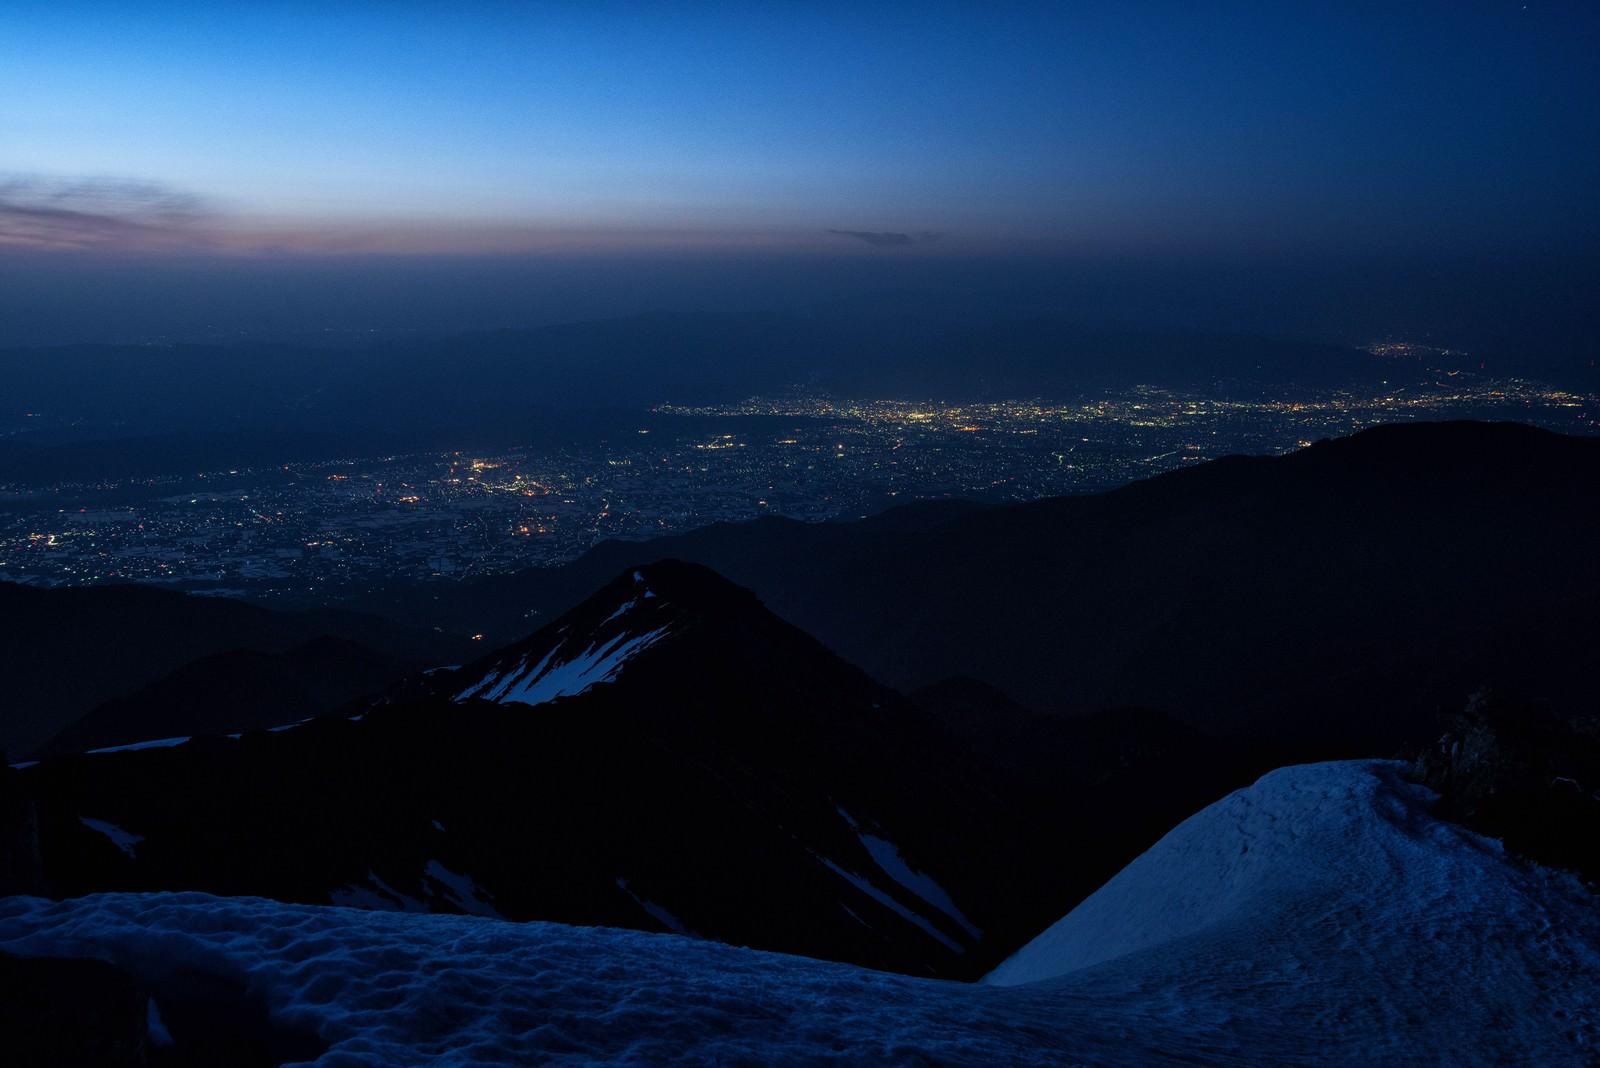 「常念岳の眼下に望む松本市の夜景」の写真